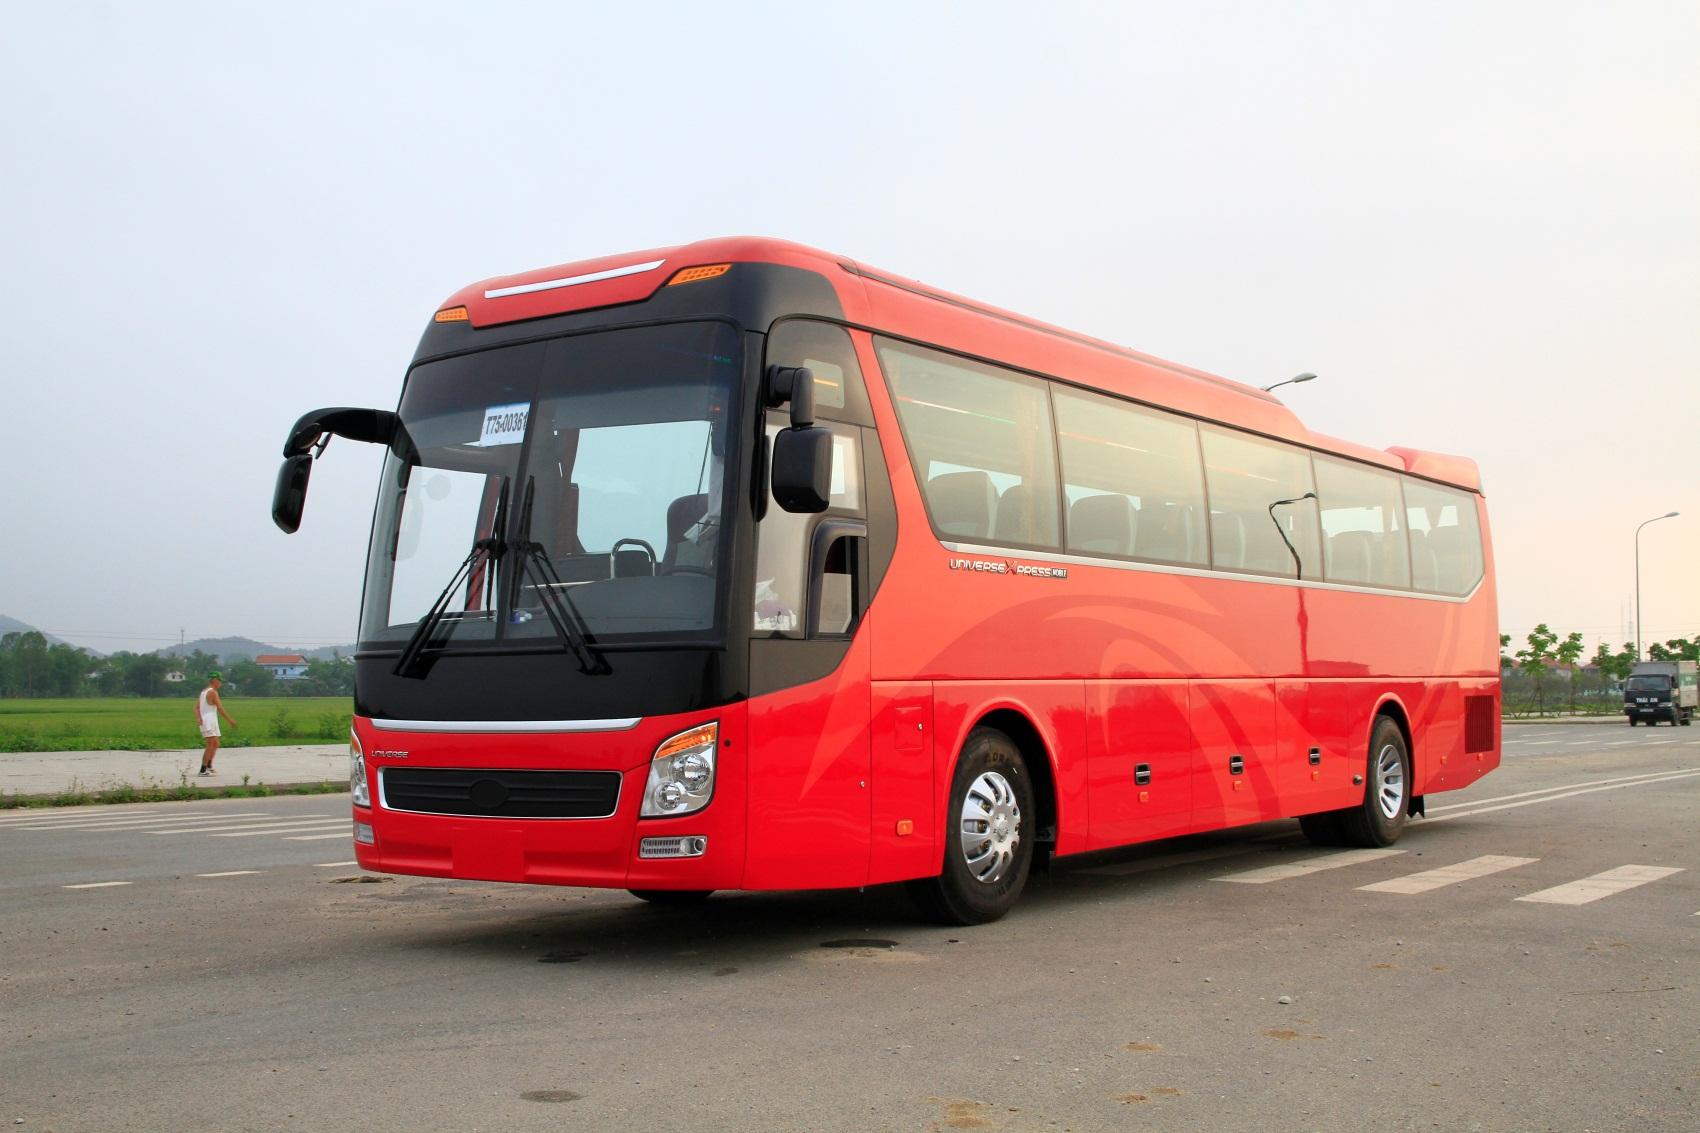 xe-khach-2934-haeco-hue-dong-co-hino-8